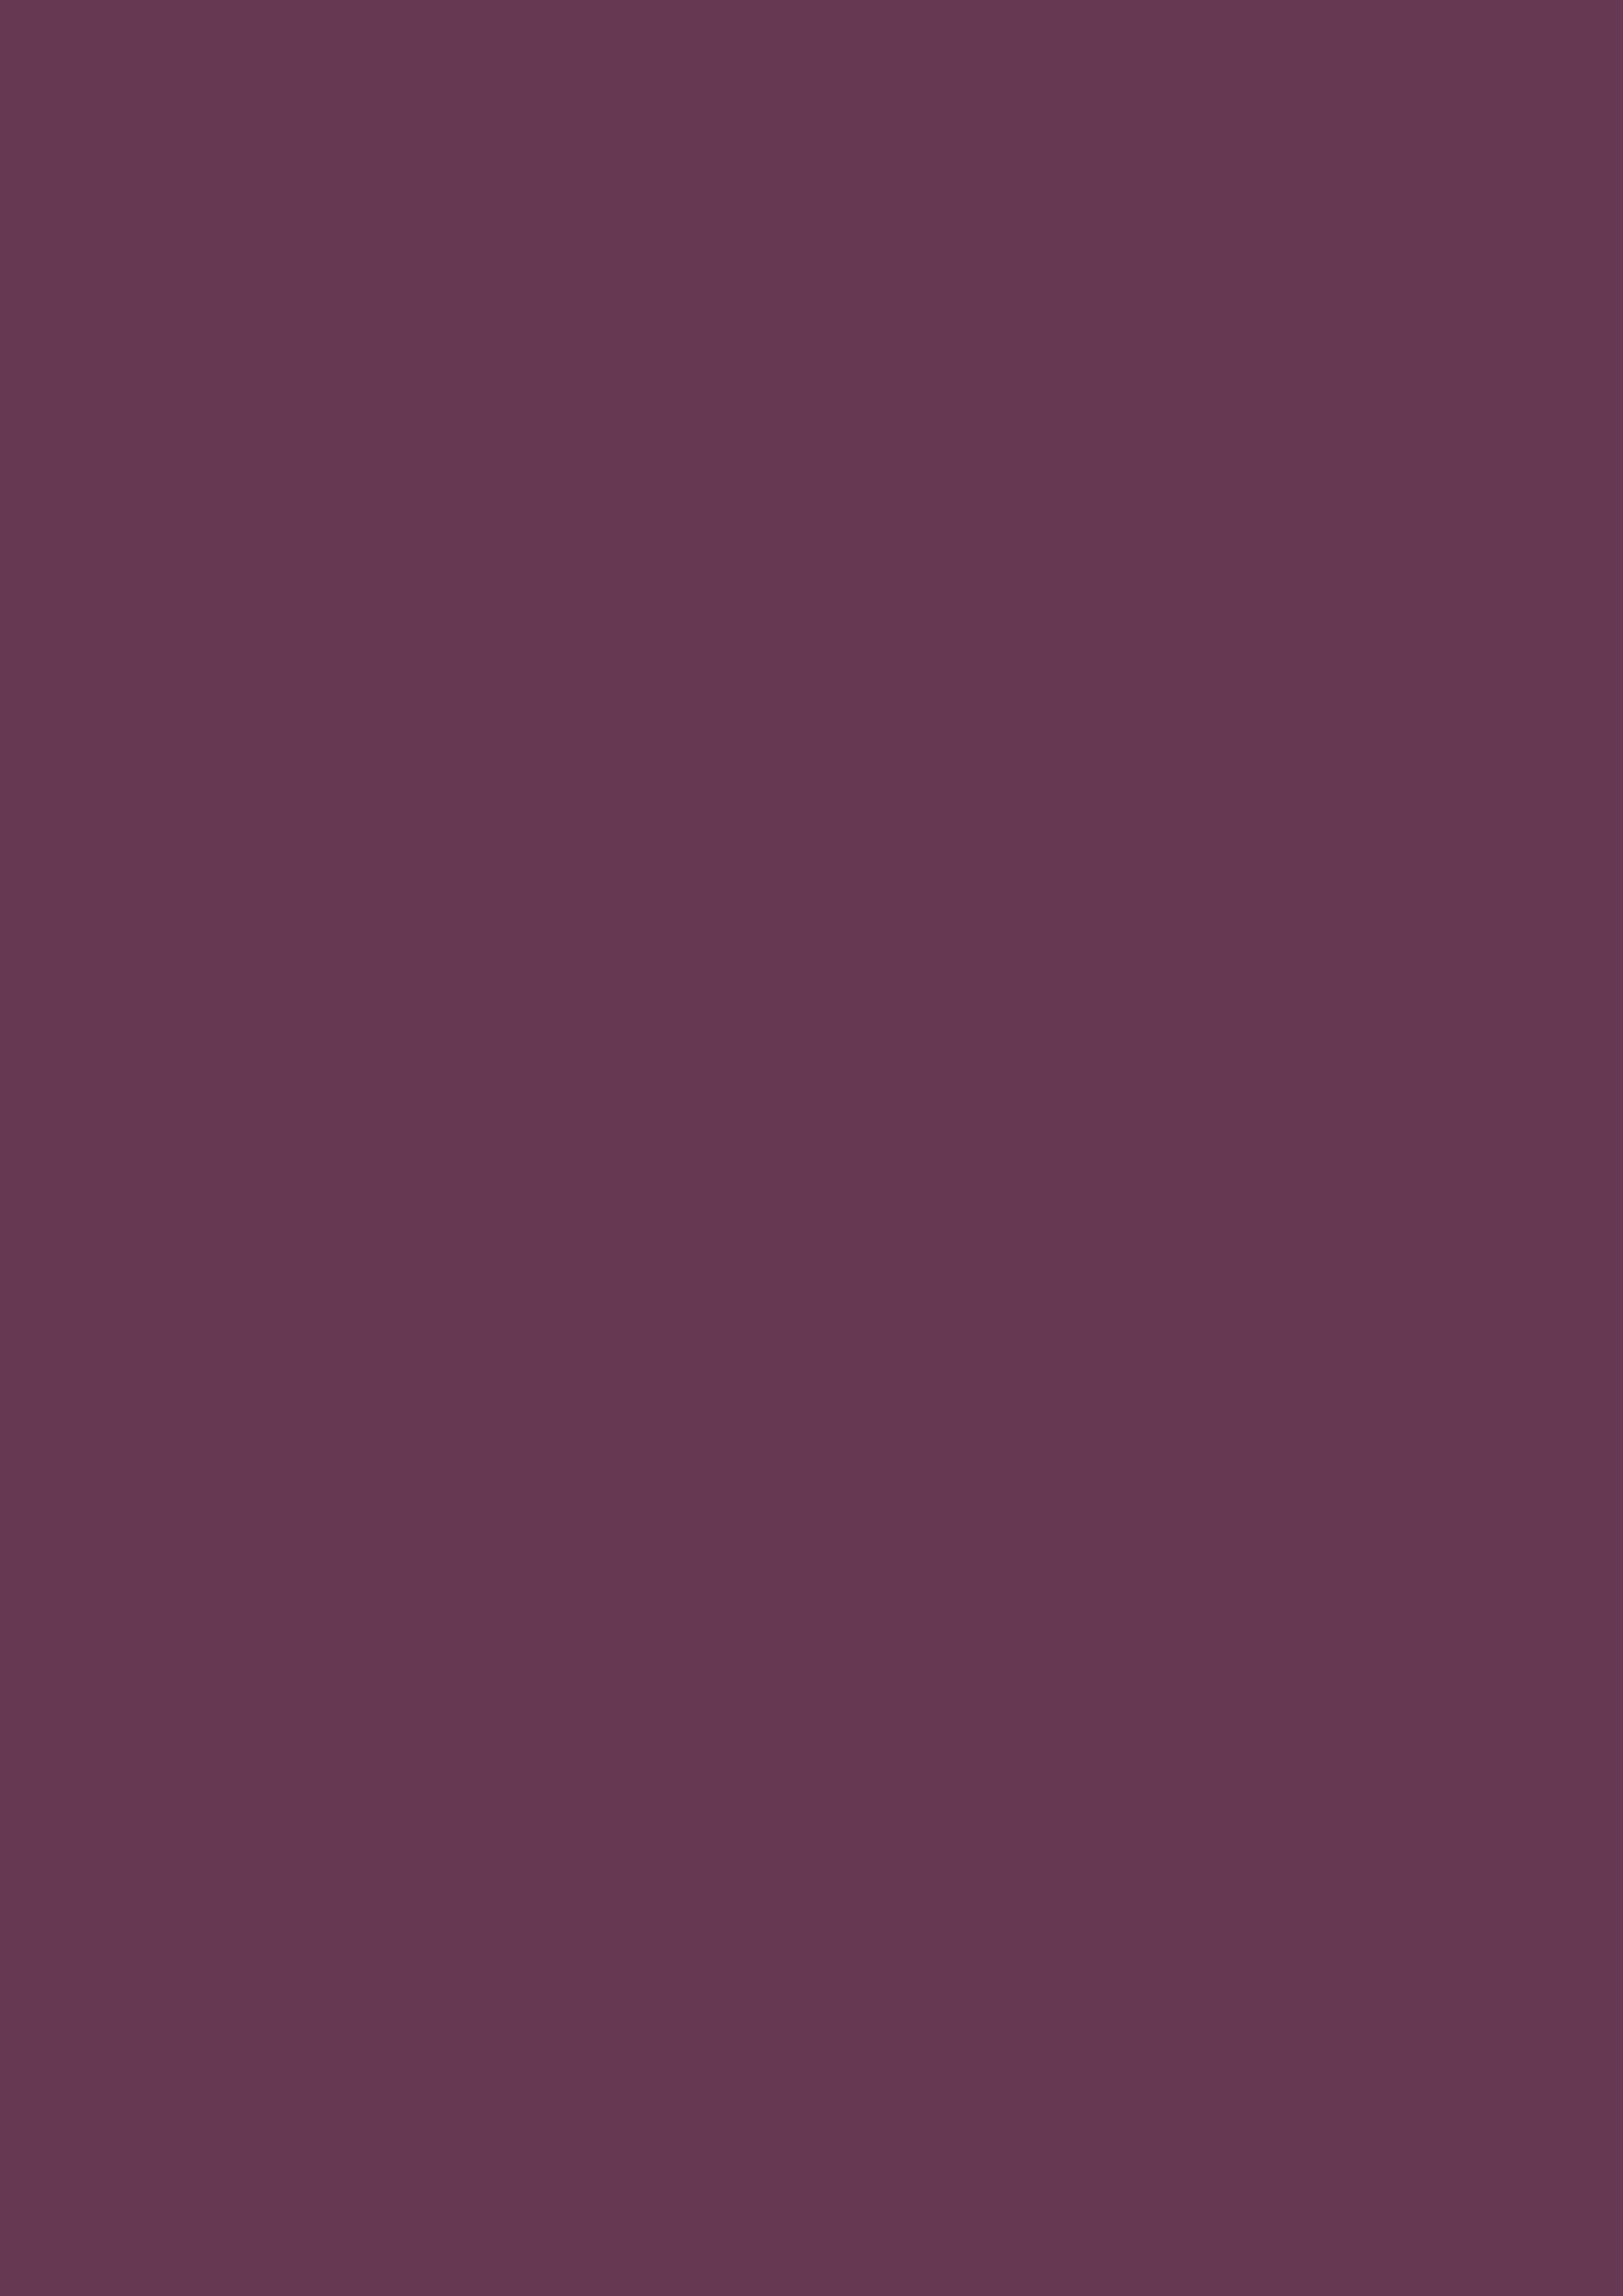 2480x3508 Halaya Ube Solid Color Background